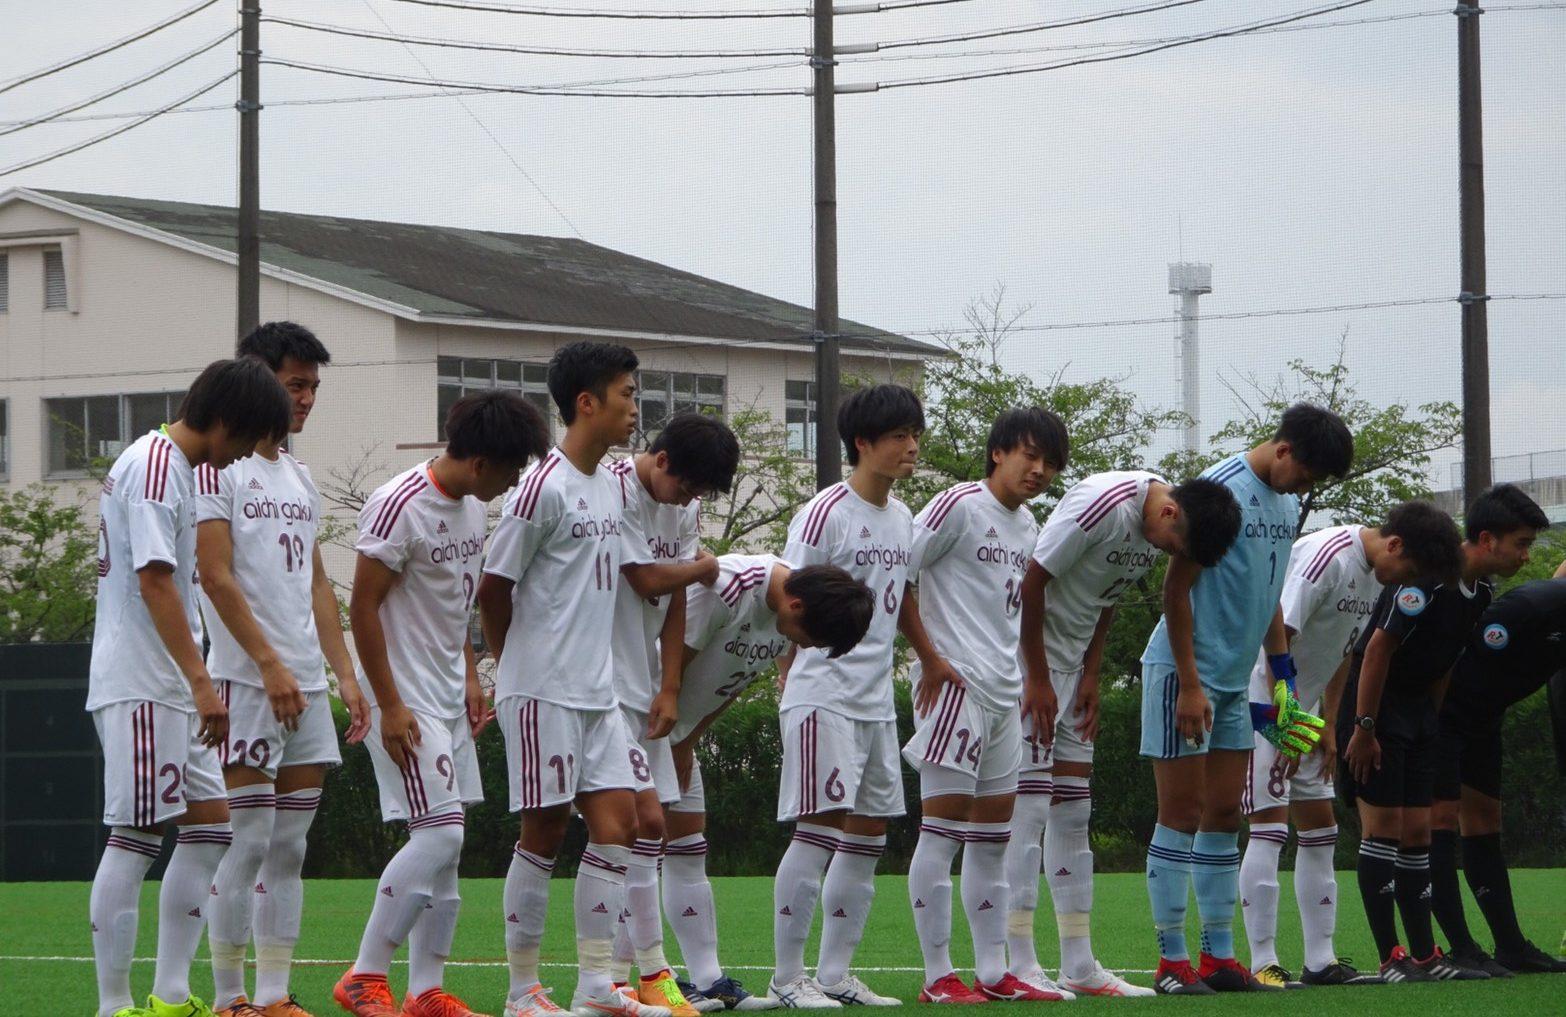 学院 大学 部 愛知 サッカー